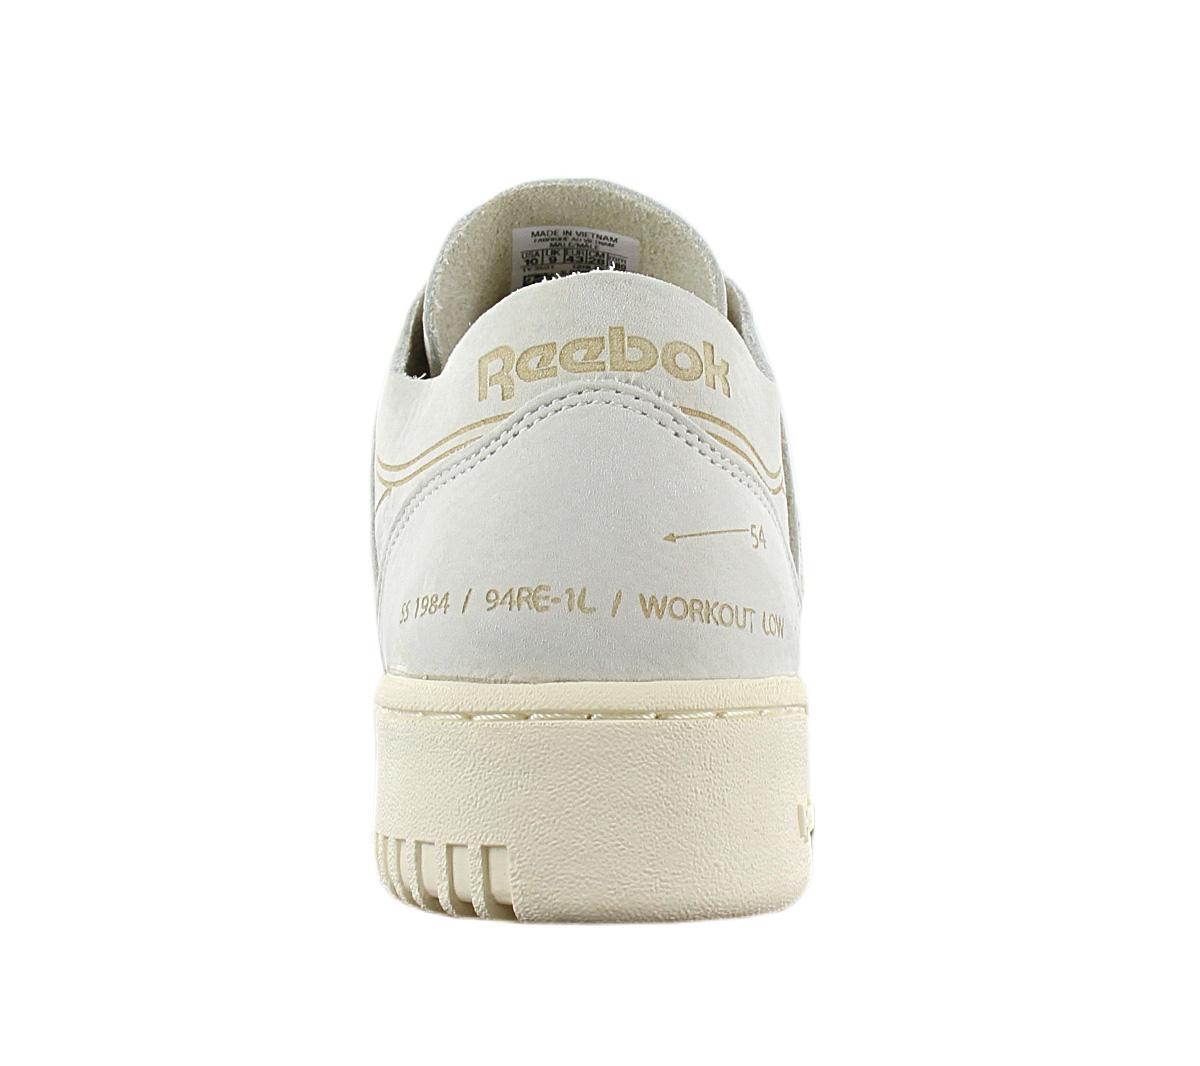 Reebok Workout Low Clean Hmg Sneaker Premium Shoes BD1966